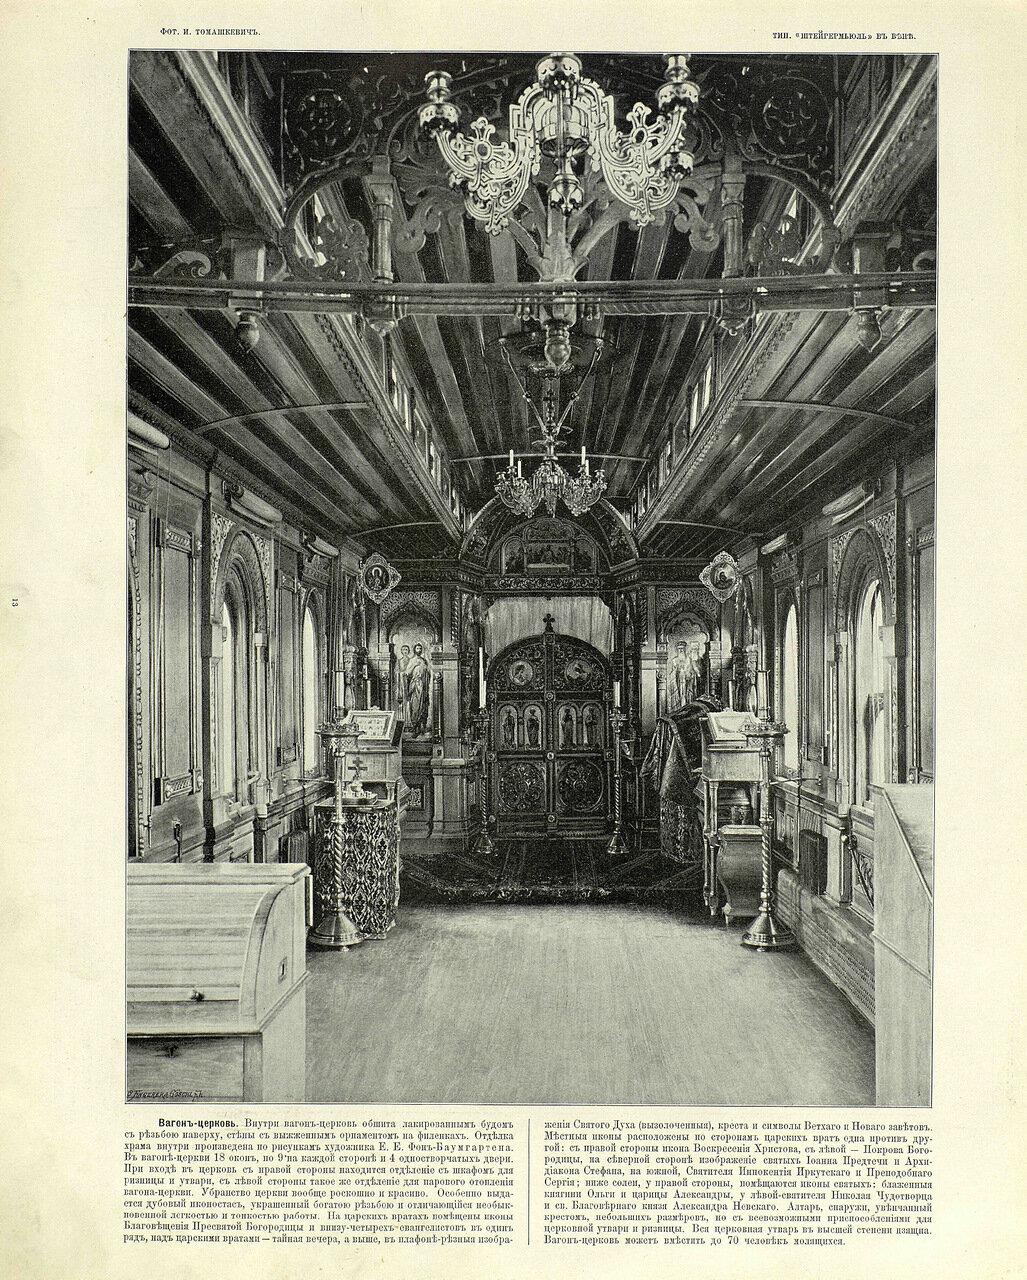 13. Внутри церкви